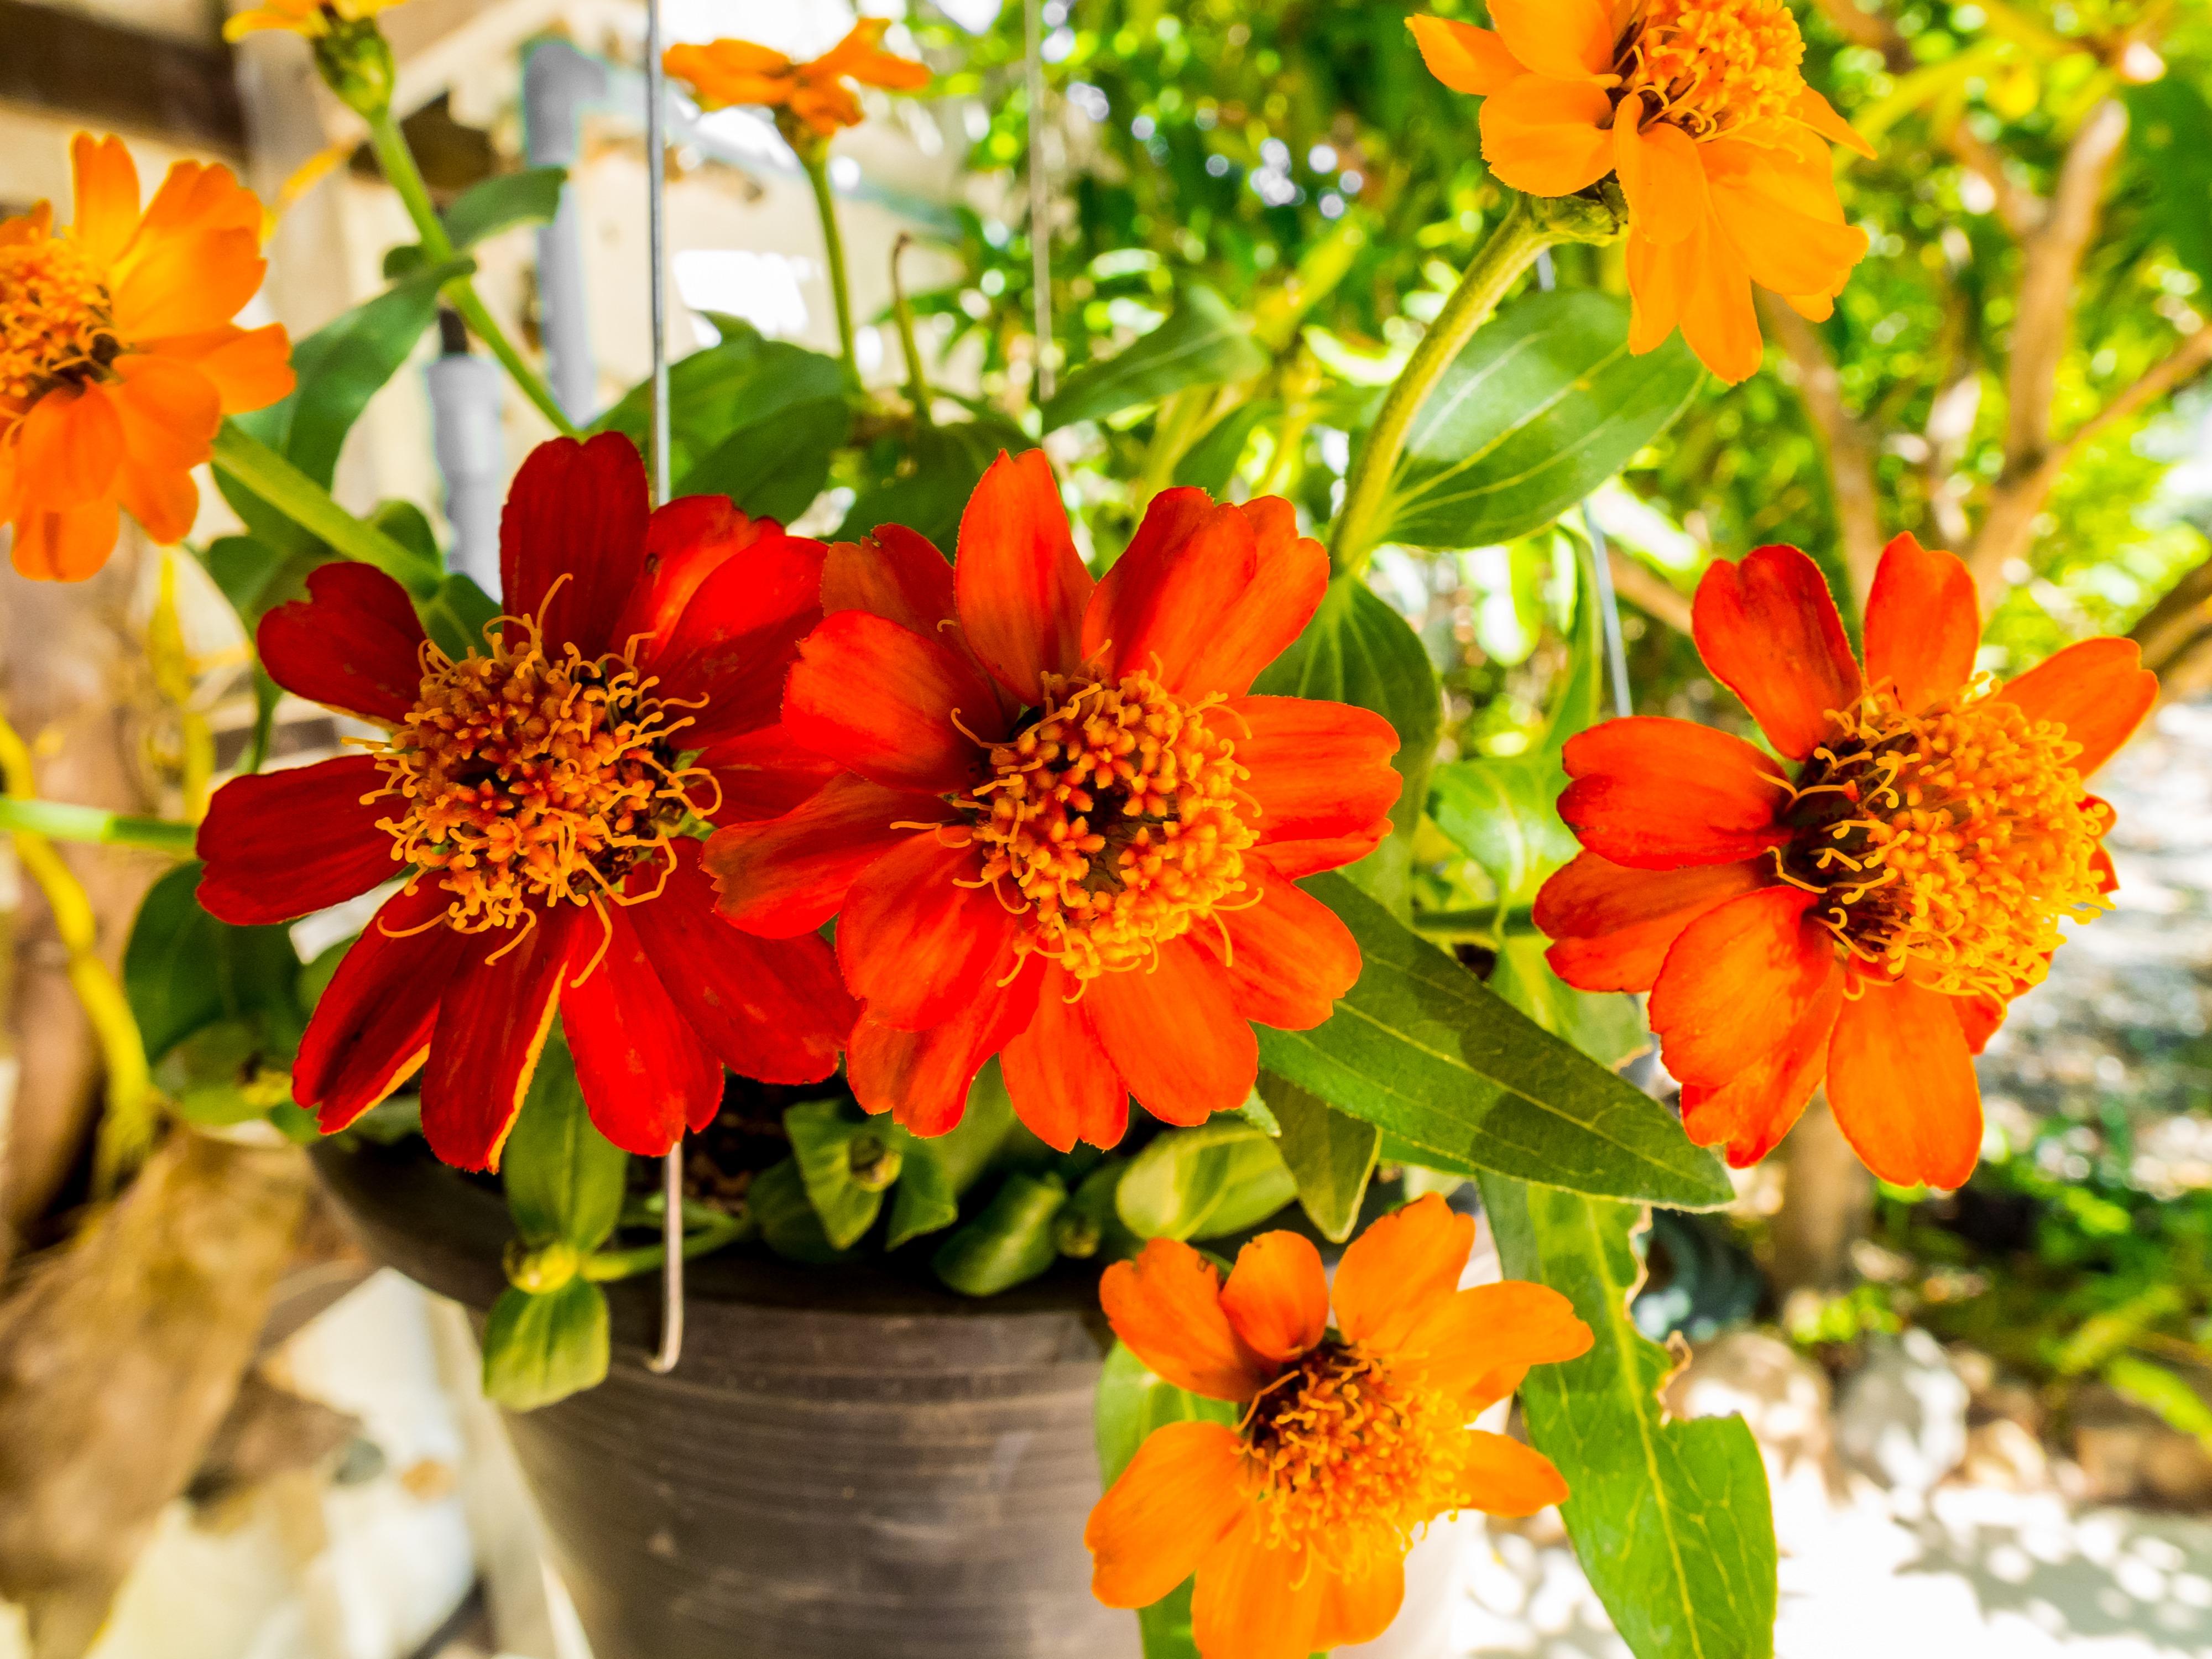 Super Banco de imagens : plantar, folha, flor, pétala, laranja, vermelho  DC34